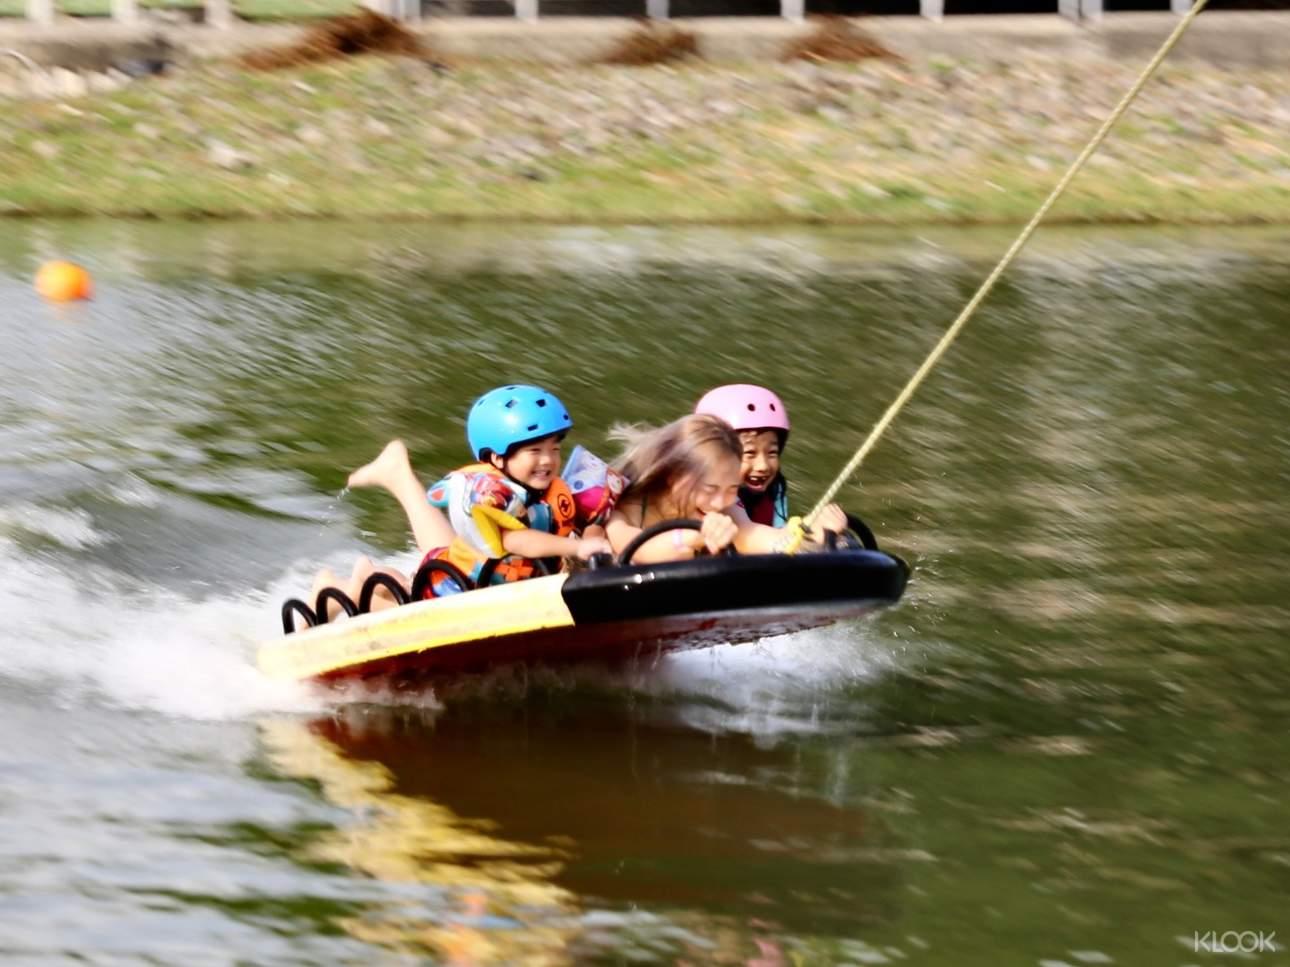 滑水飛船:除了專業纜繩滑水外,另有提供水上拖曳玩具,讓學習與娛樂兼具,緊張刺激拳拳到肉,大人小孩都瘋狂